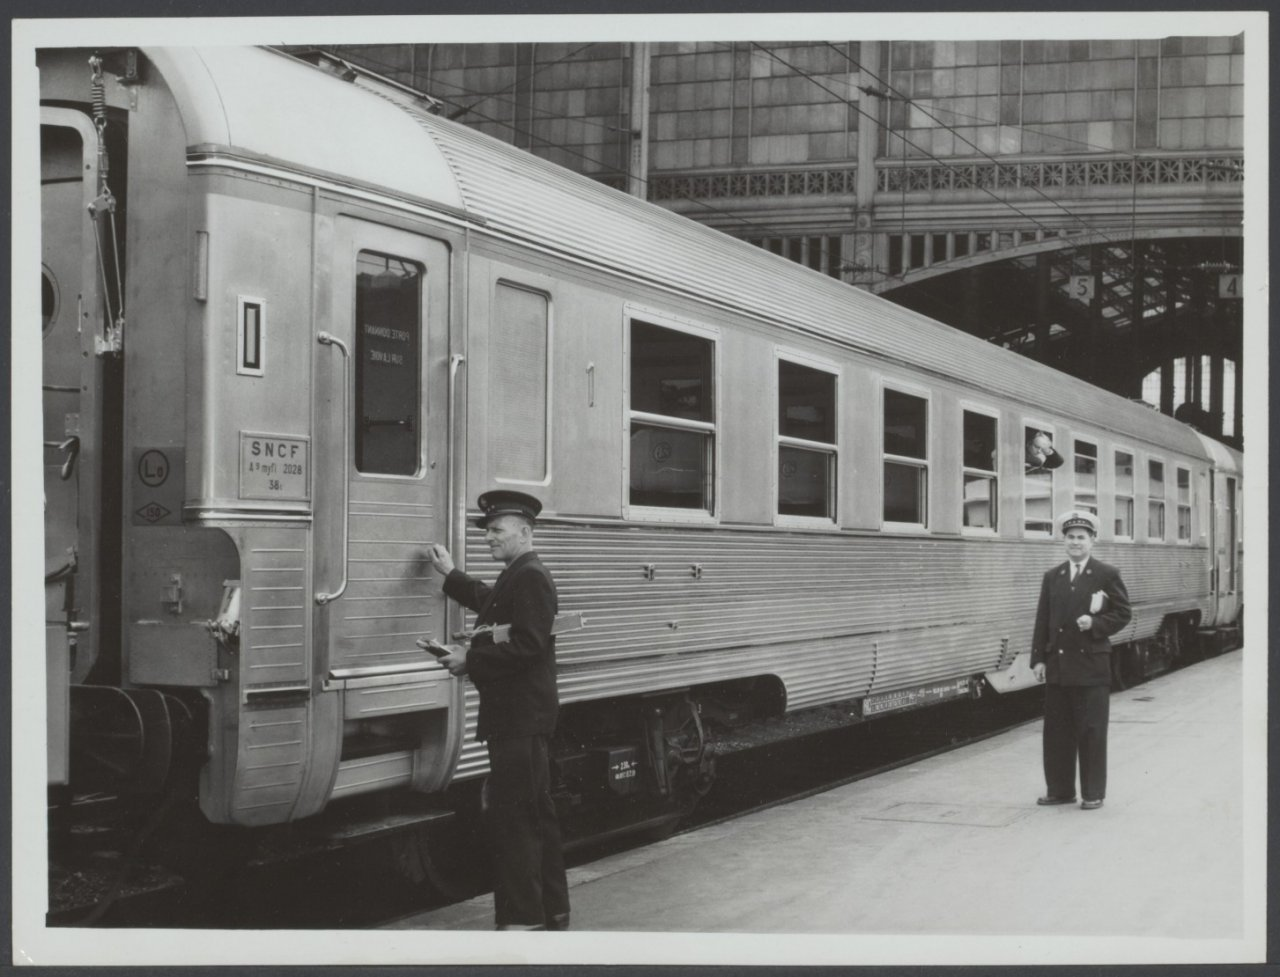 Vehicle - Rail - Passenger Car - SNCF - DEV